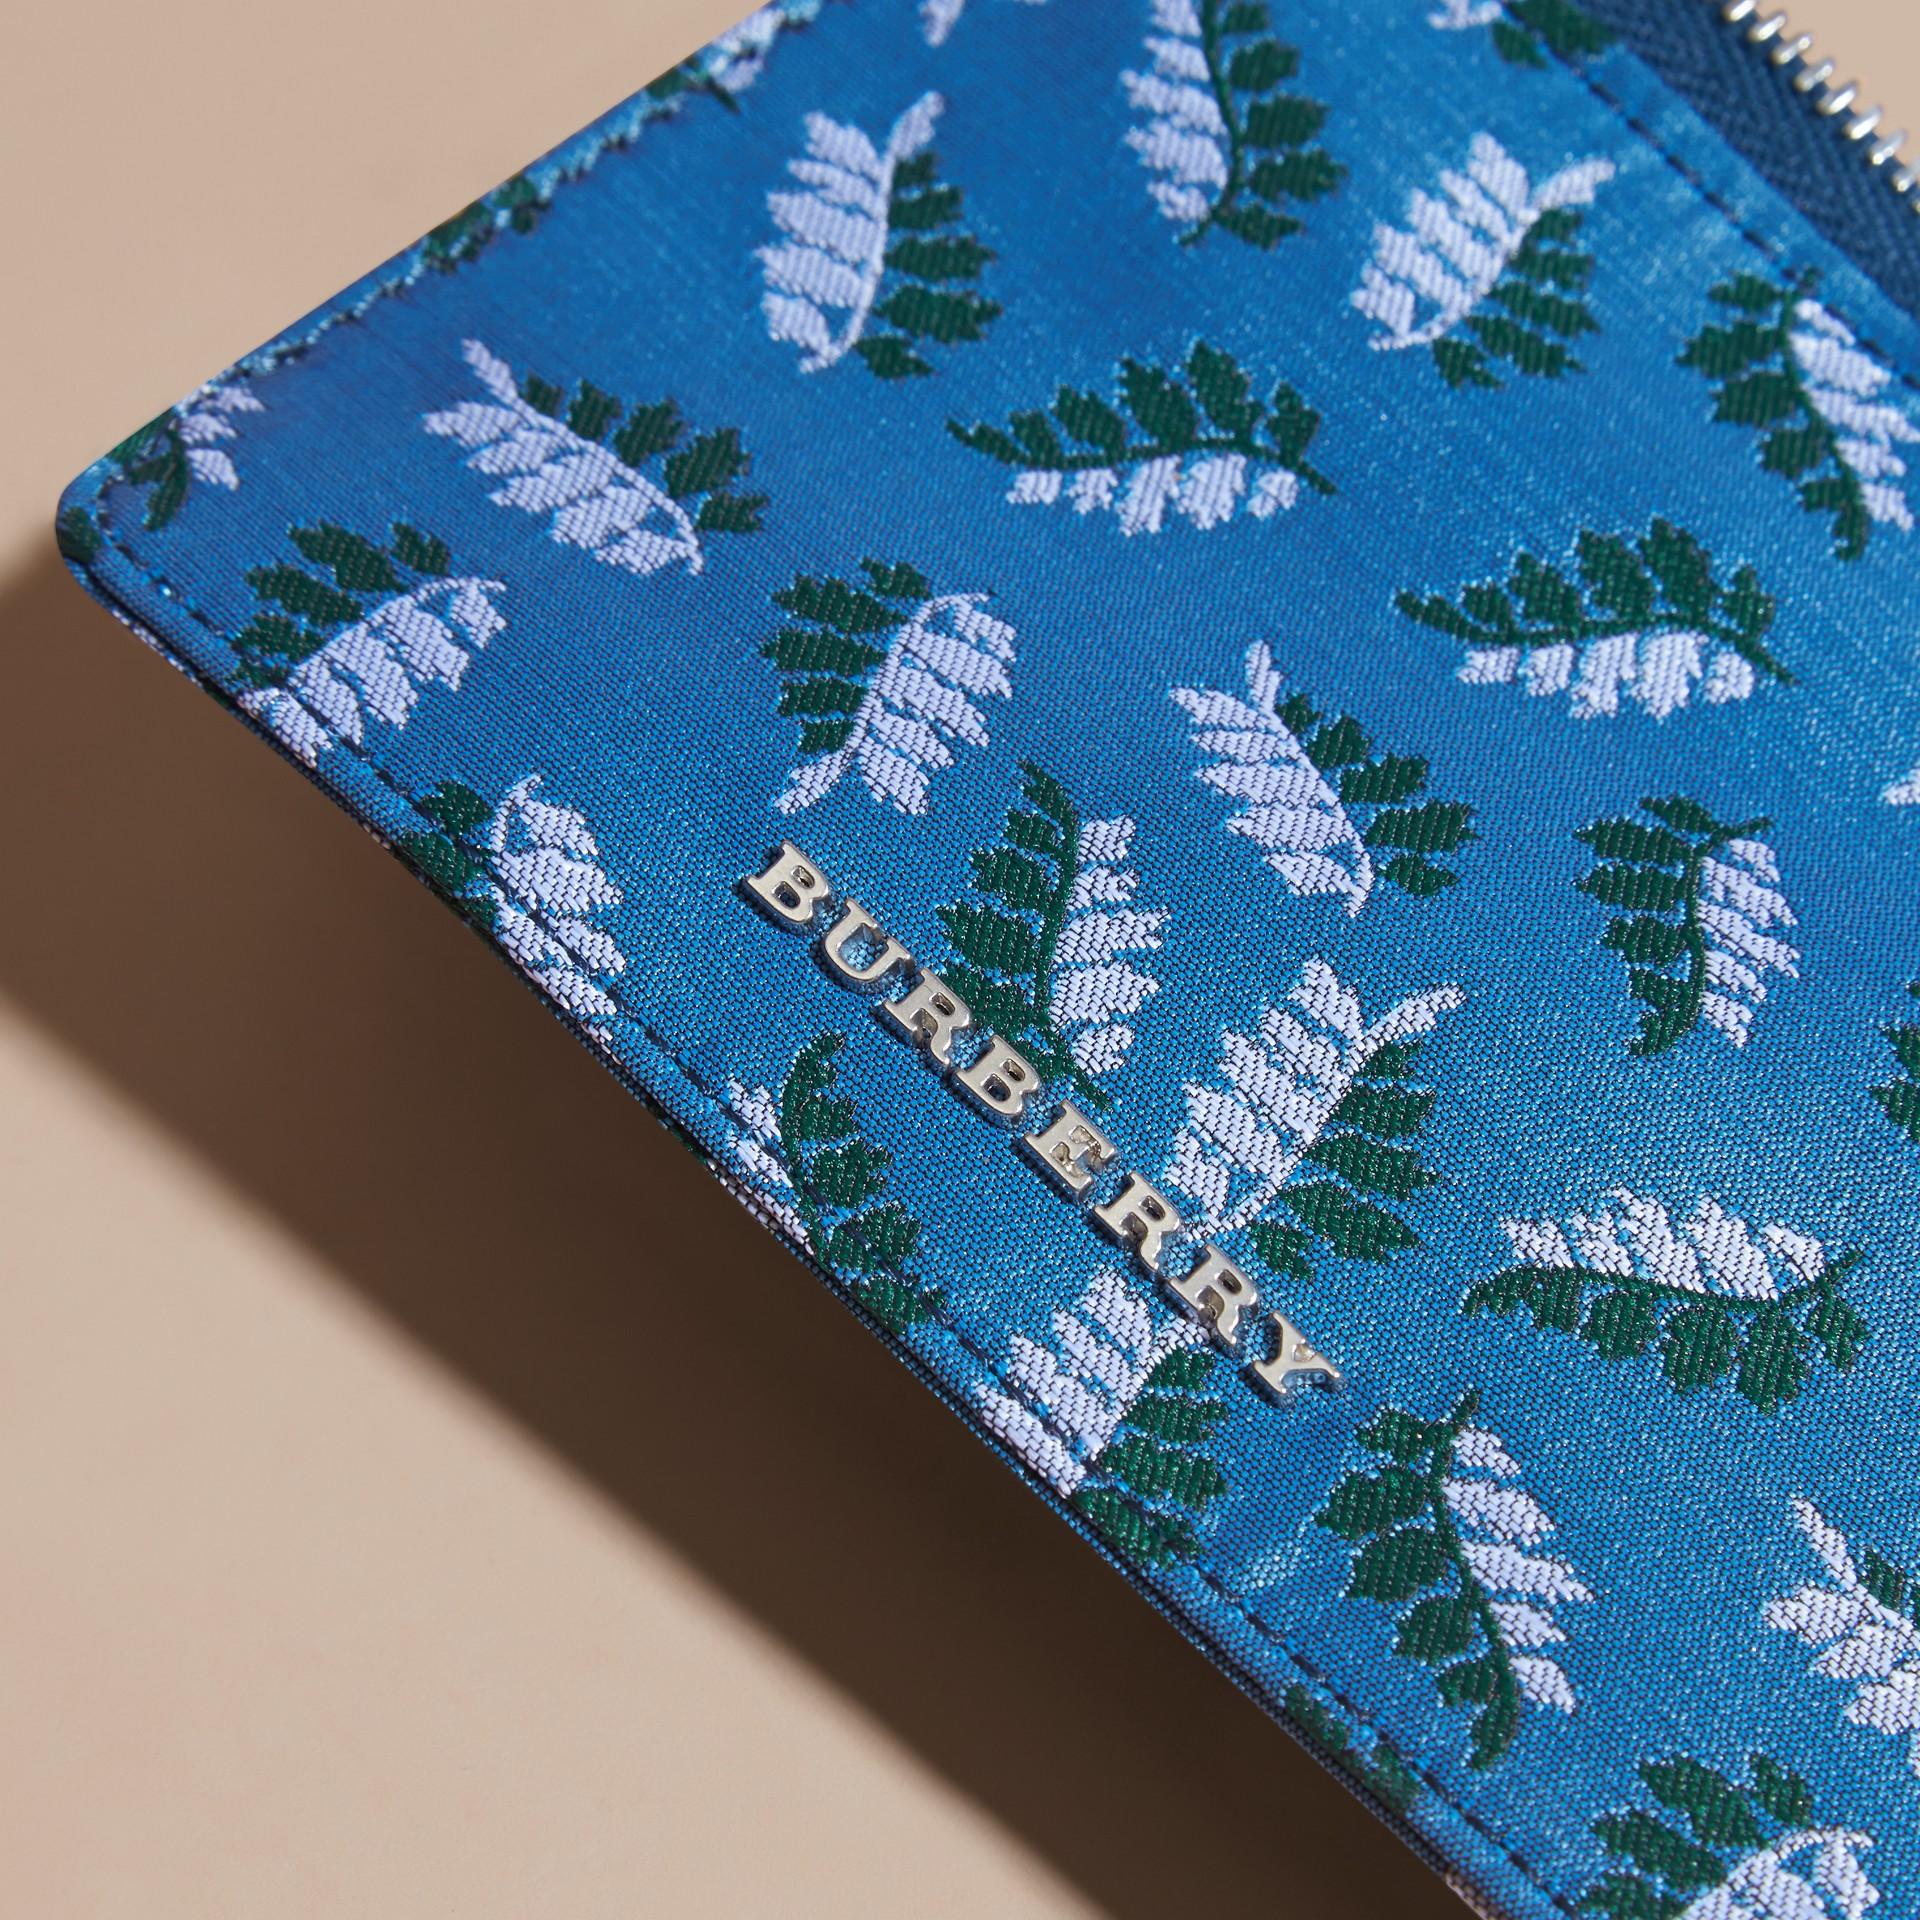 Bleu azur intense Portefeuille en jacquard à motif feuillage avec zip supérieur Bleu Azur Intense - photo de la galerie 2